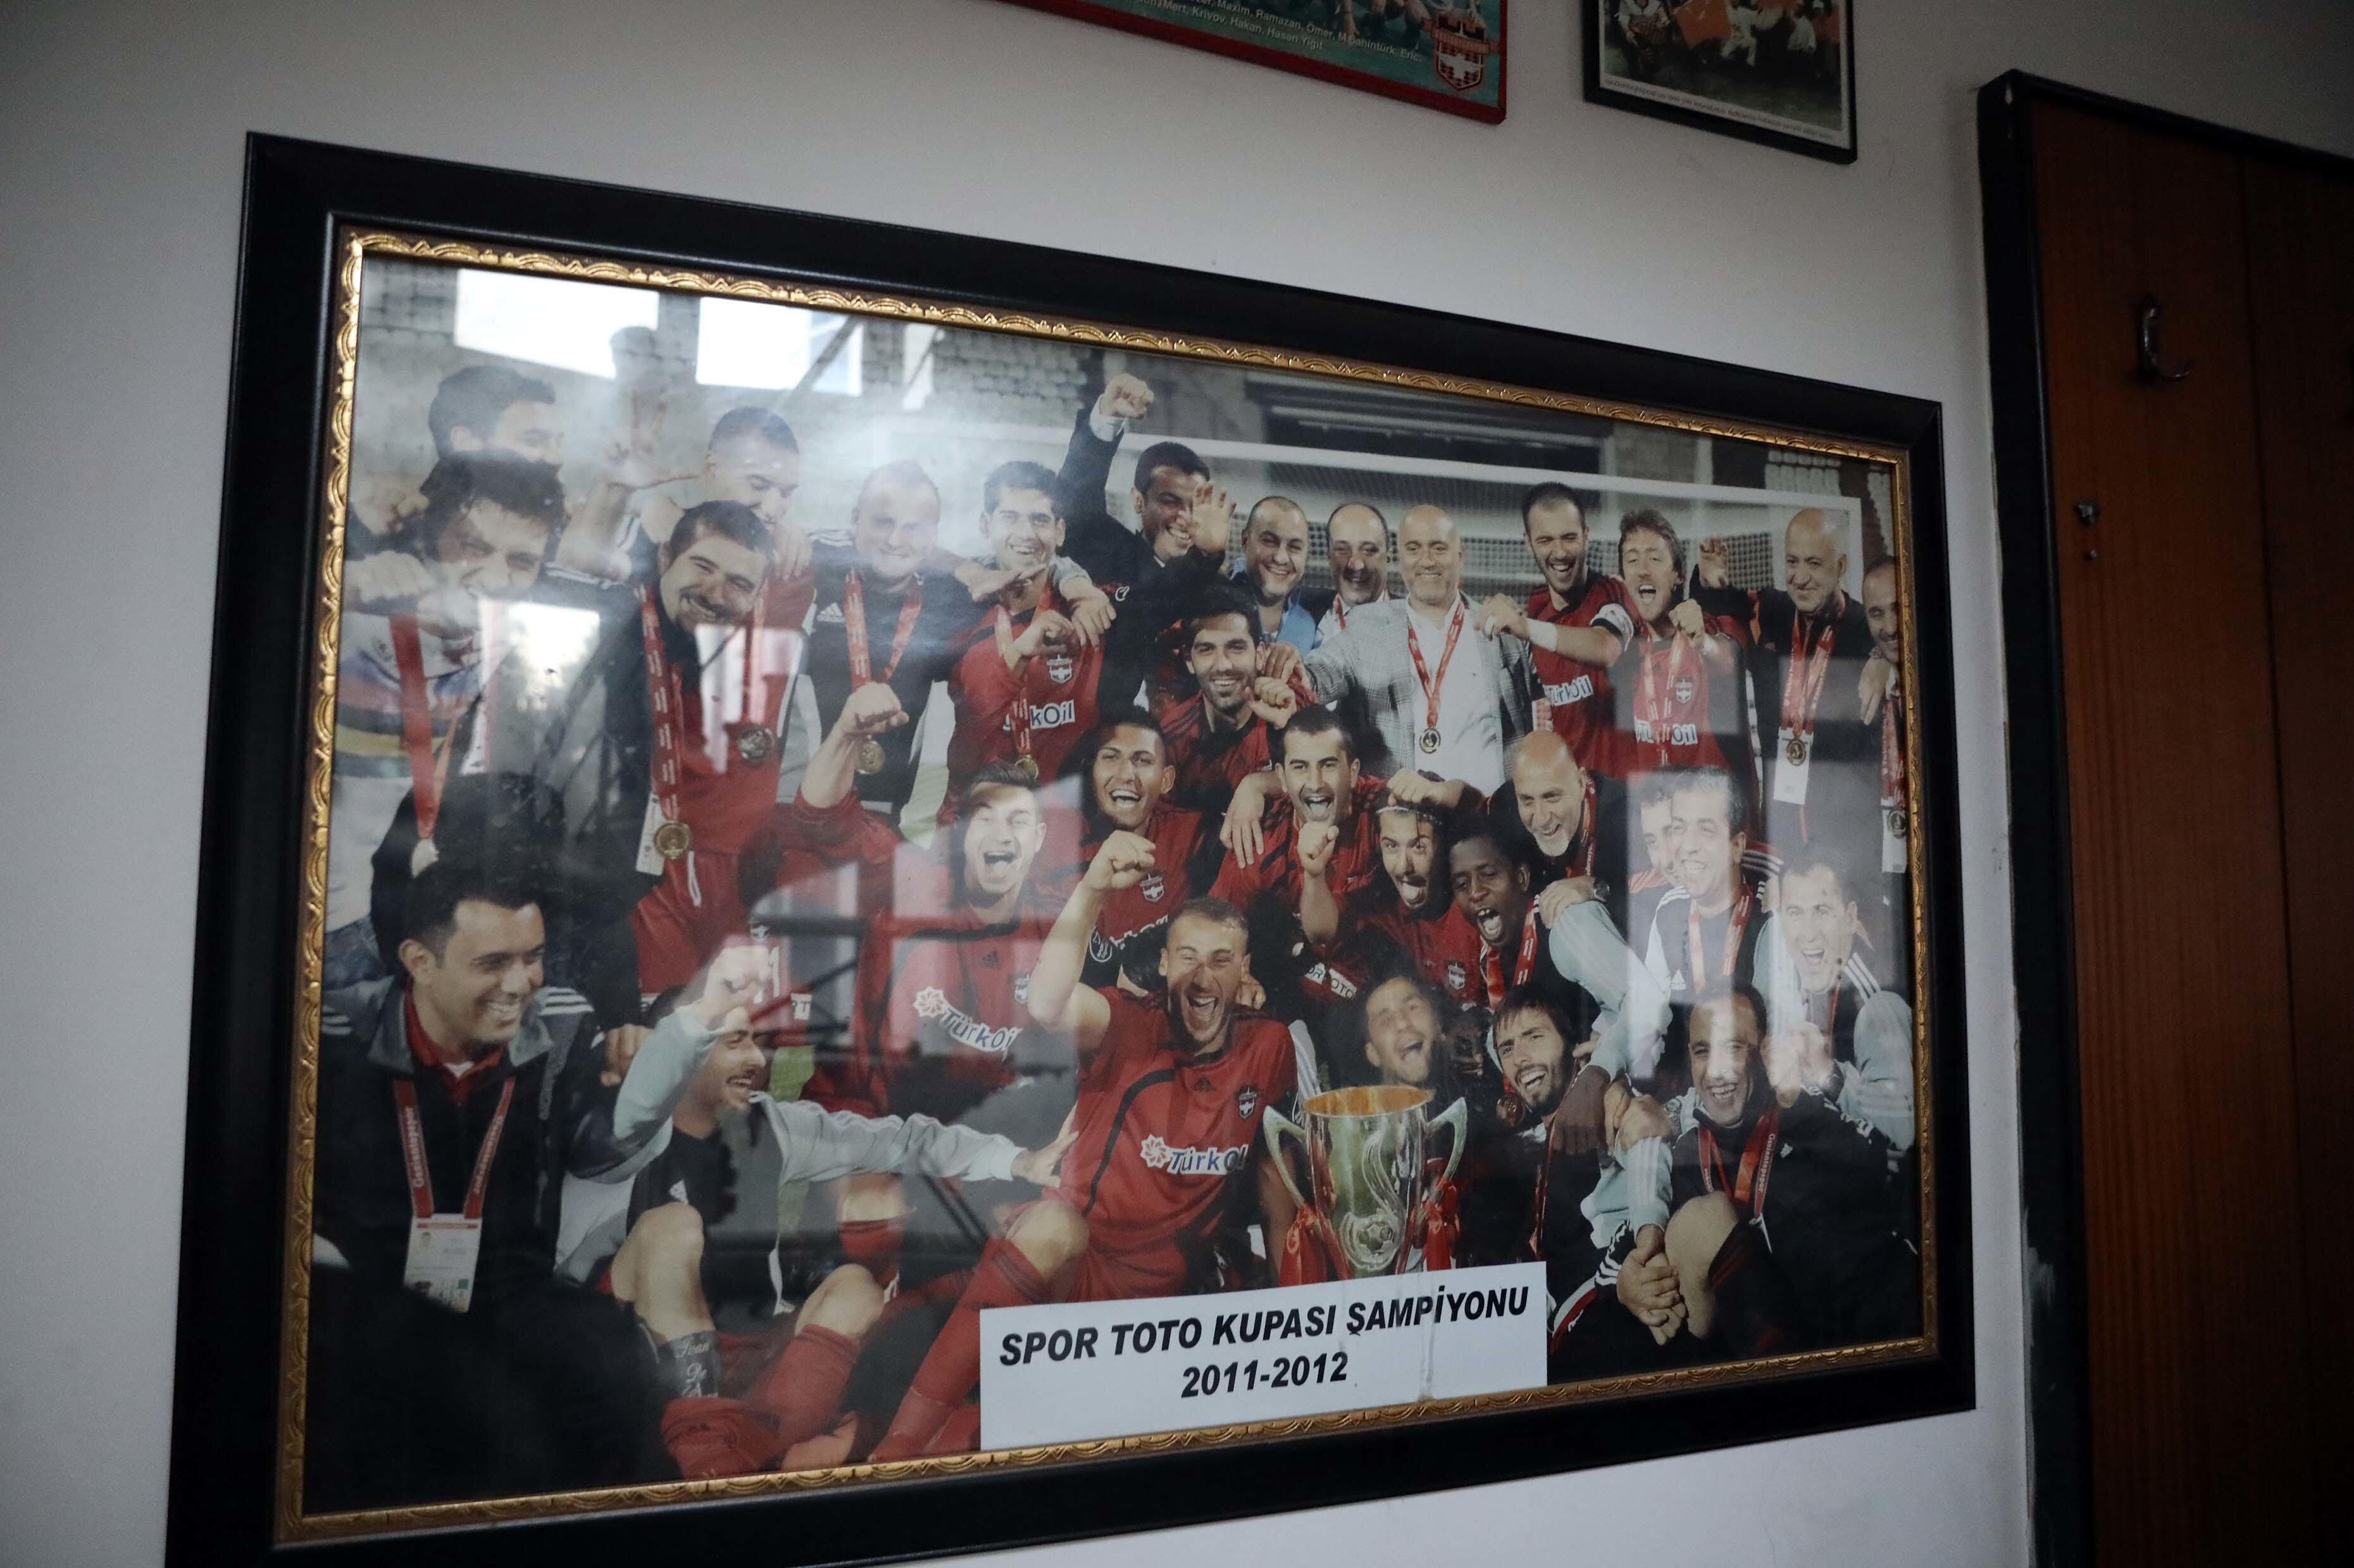 Gaziantepspor Kulübü Türk futbolunda önemli izler bıraktı.